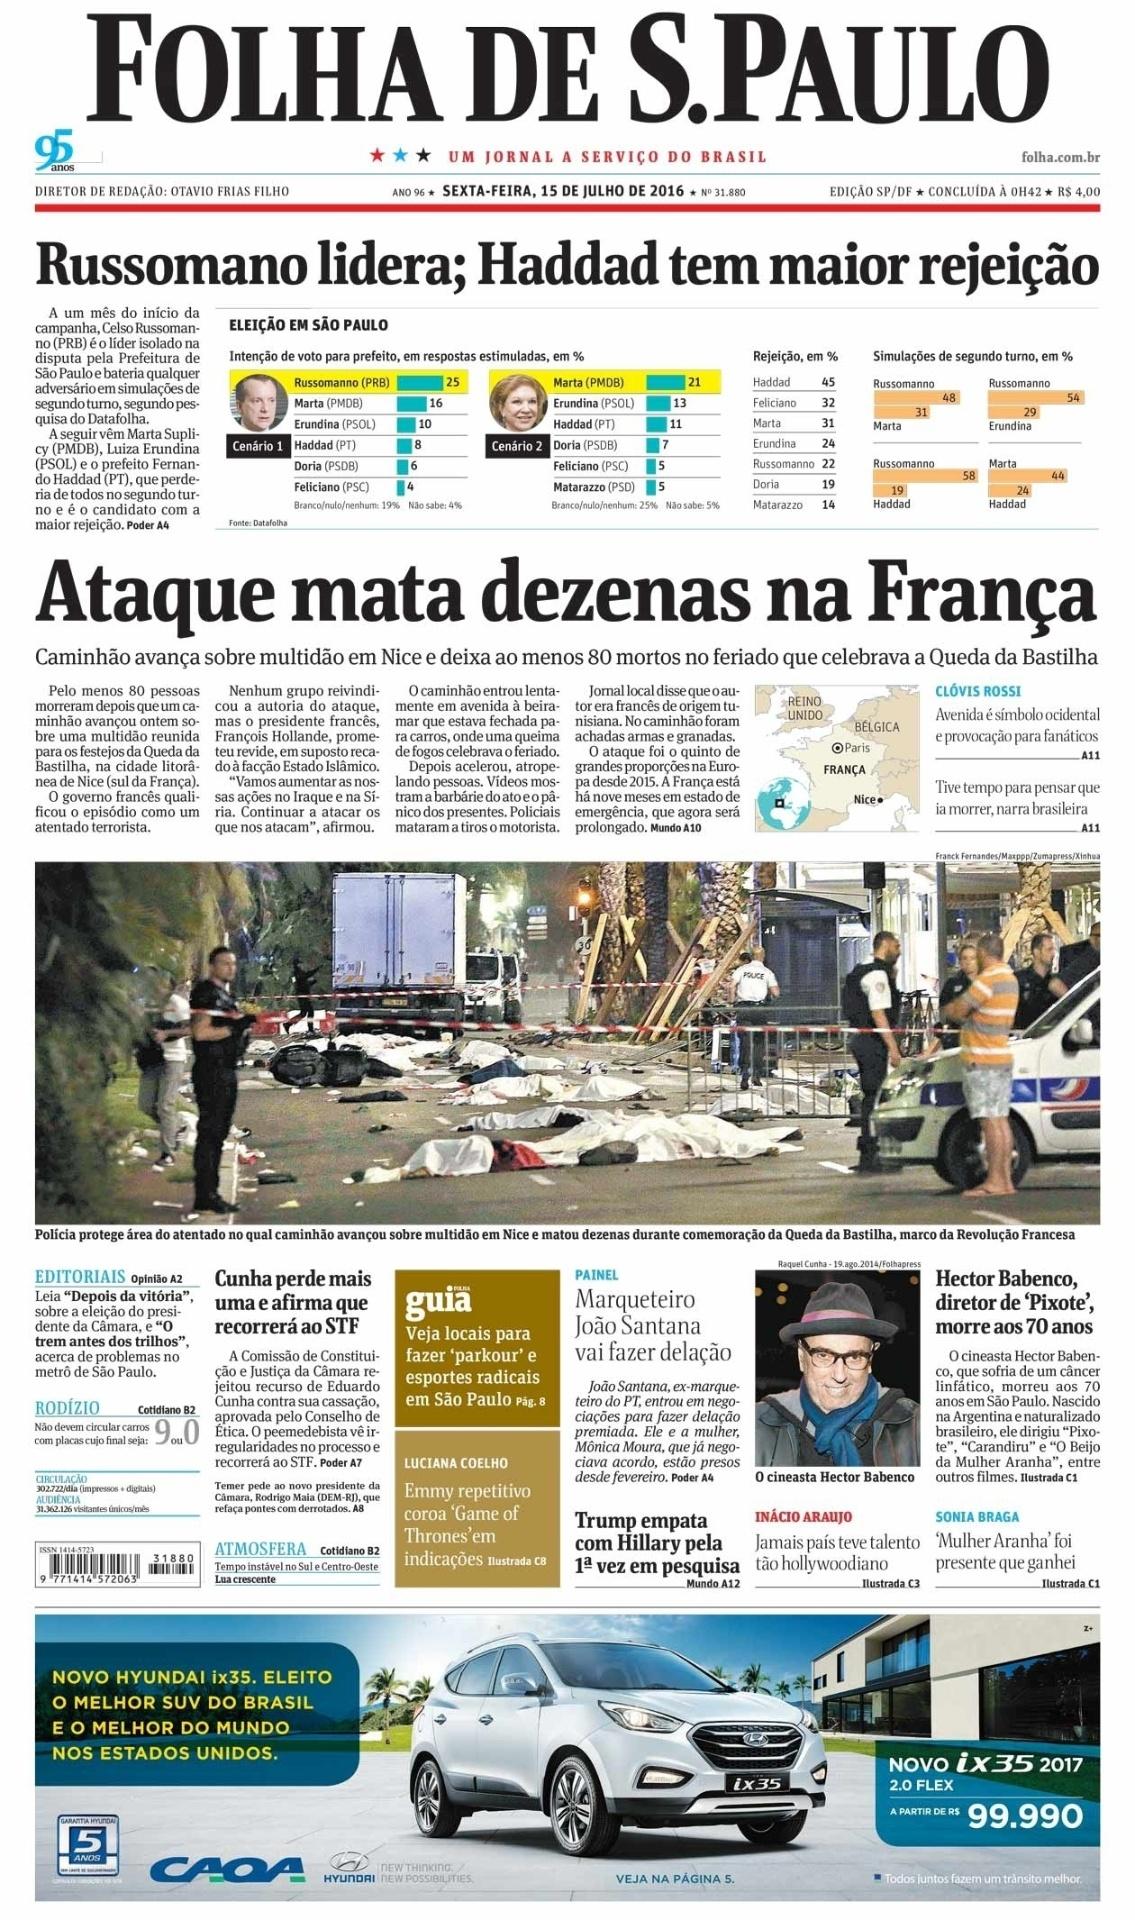 O jornal brasileiro Folha de S. Paulo destacou o alto número de mortes do mortal atentado em Nice na primeira página do jornal